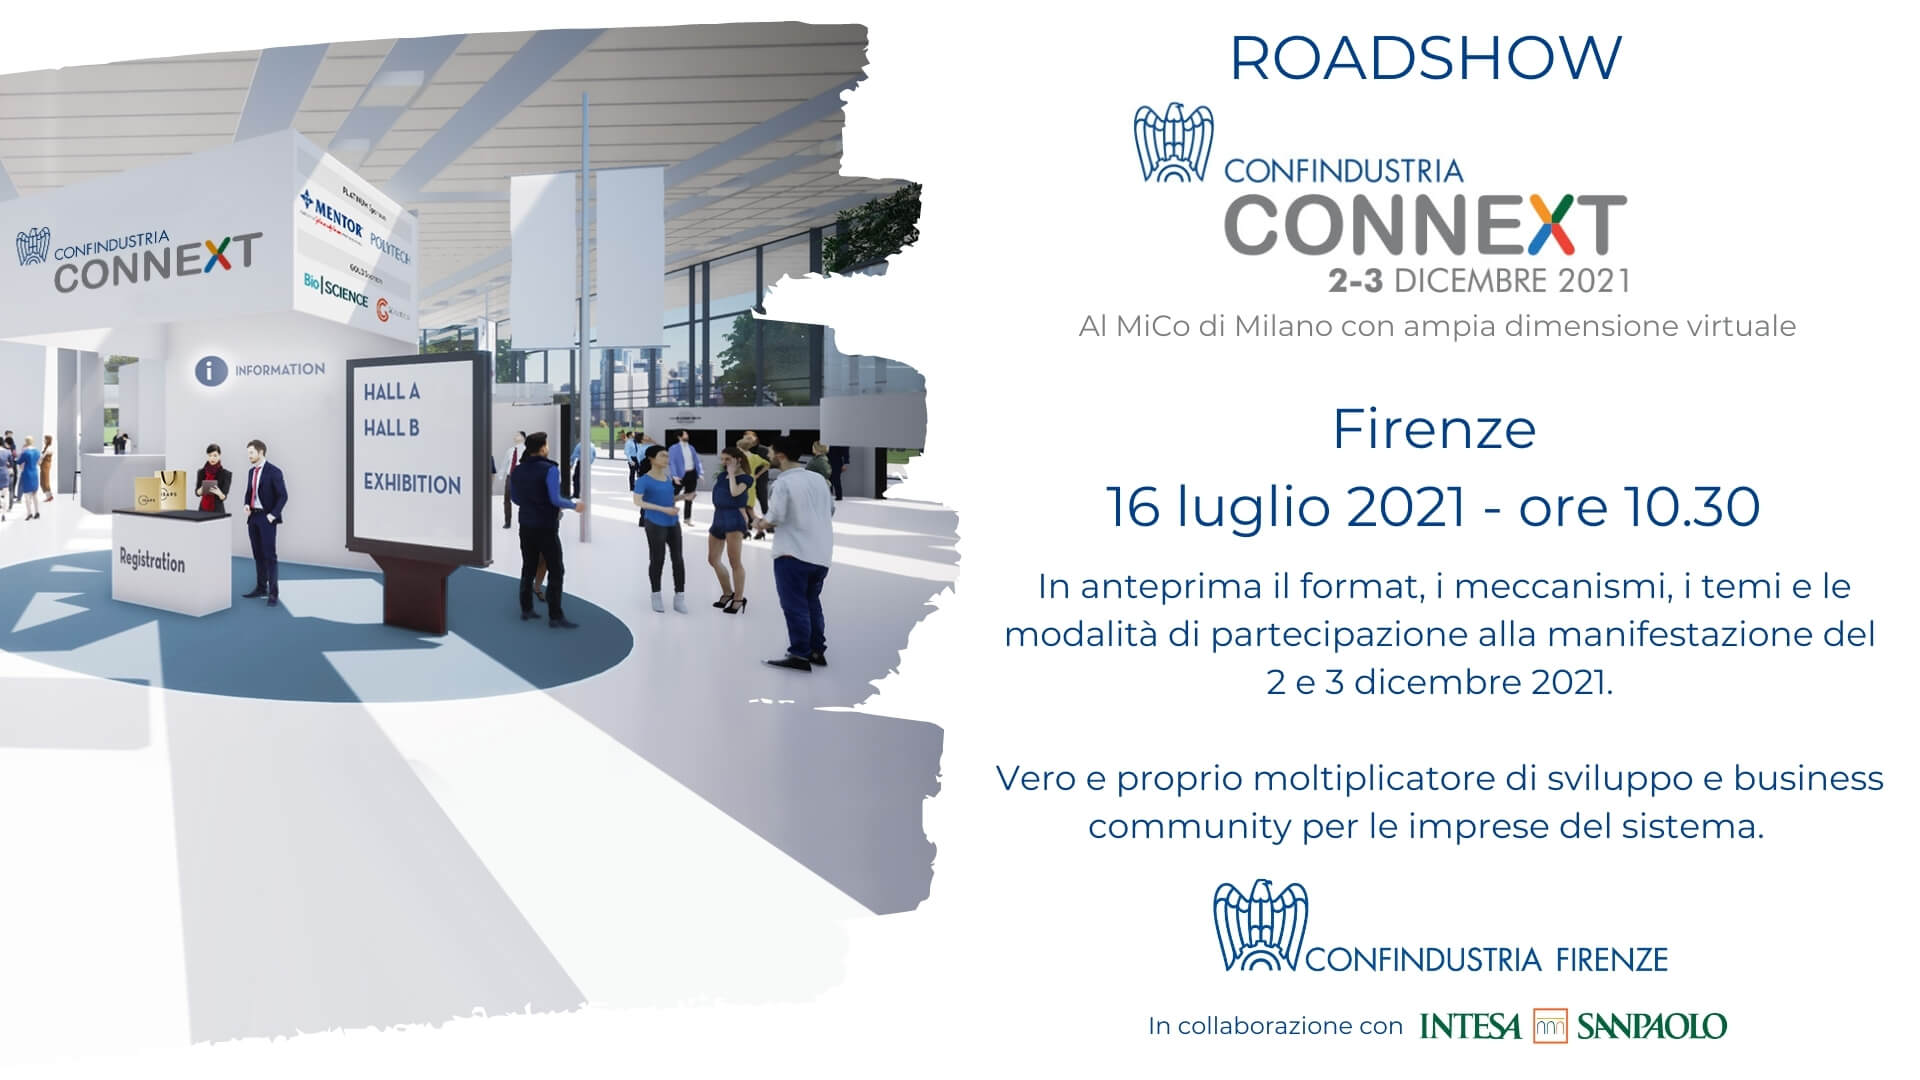 Roadshow Connext 2021